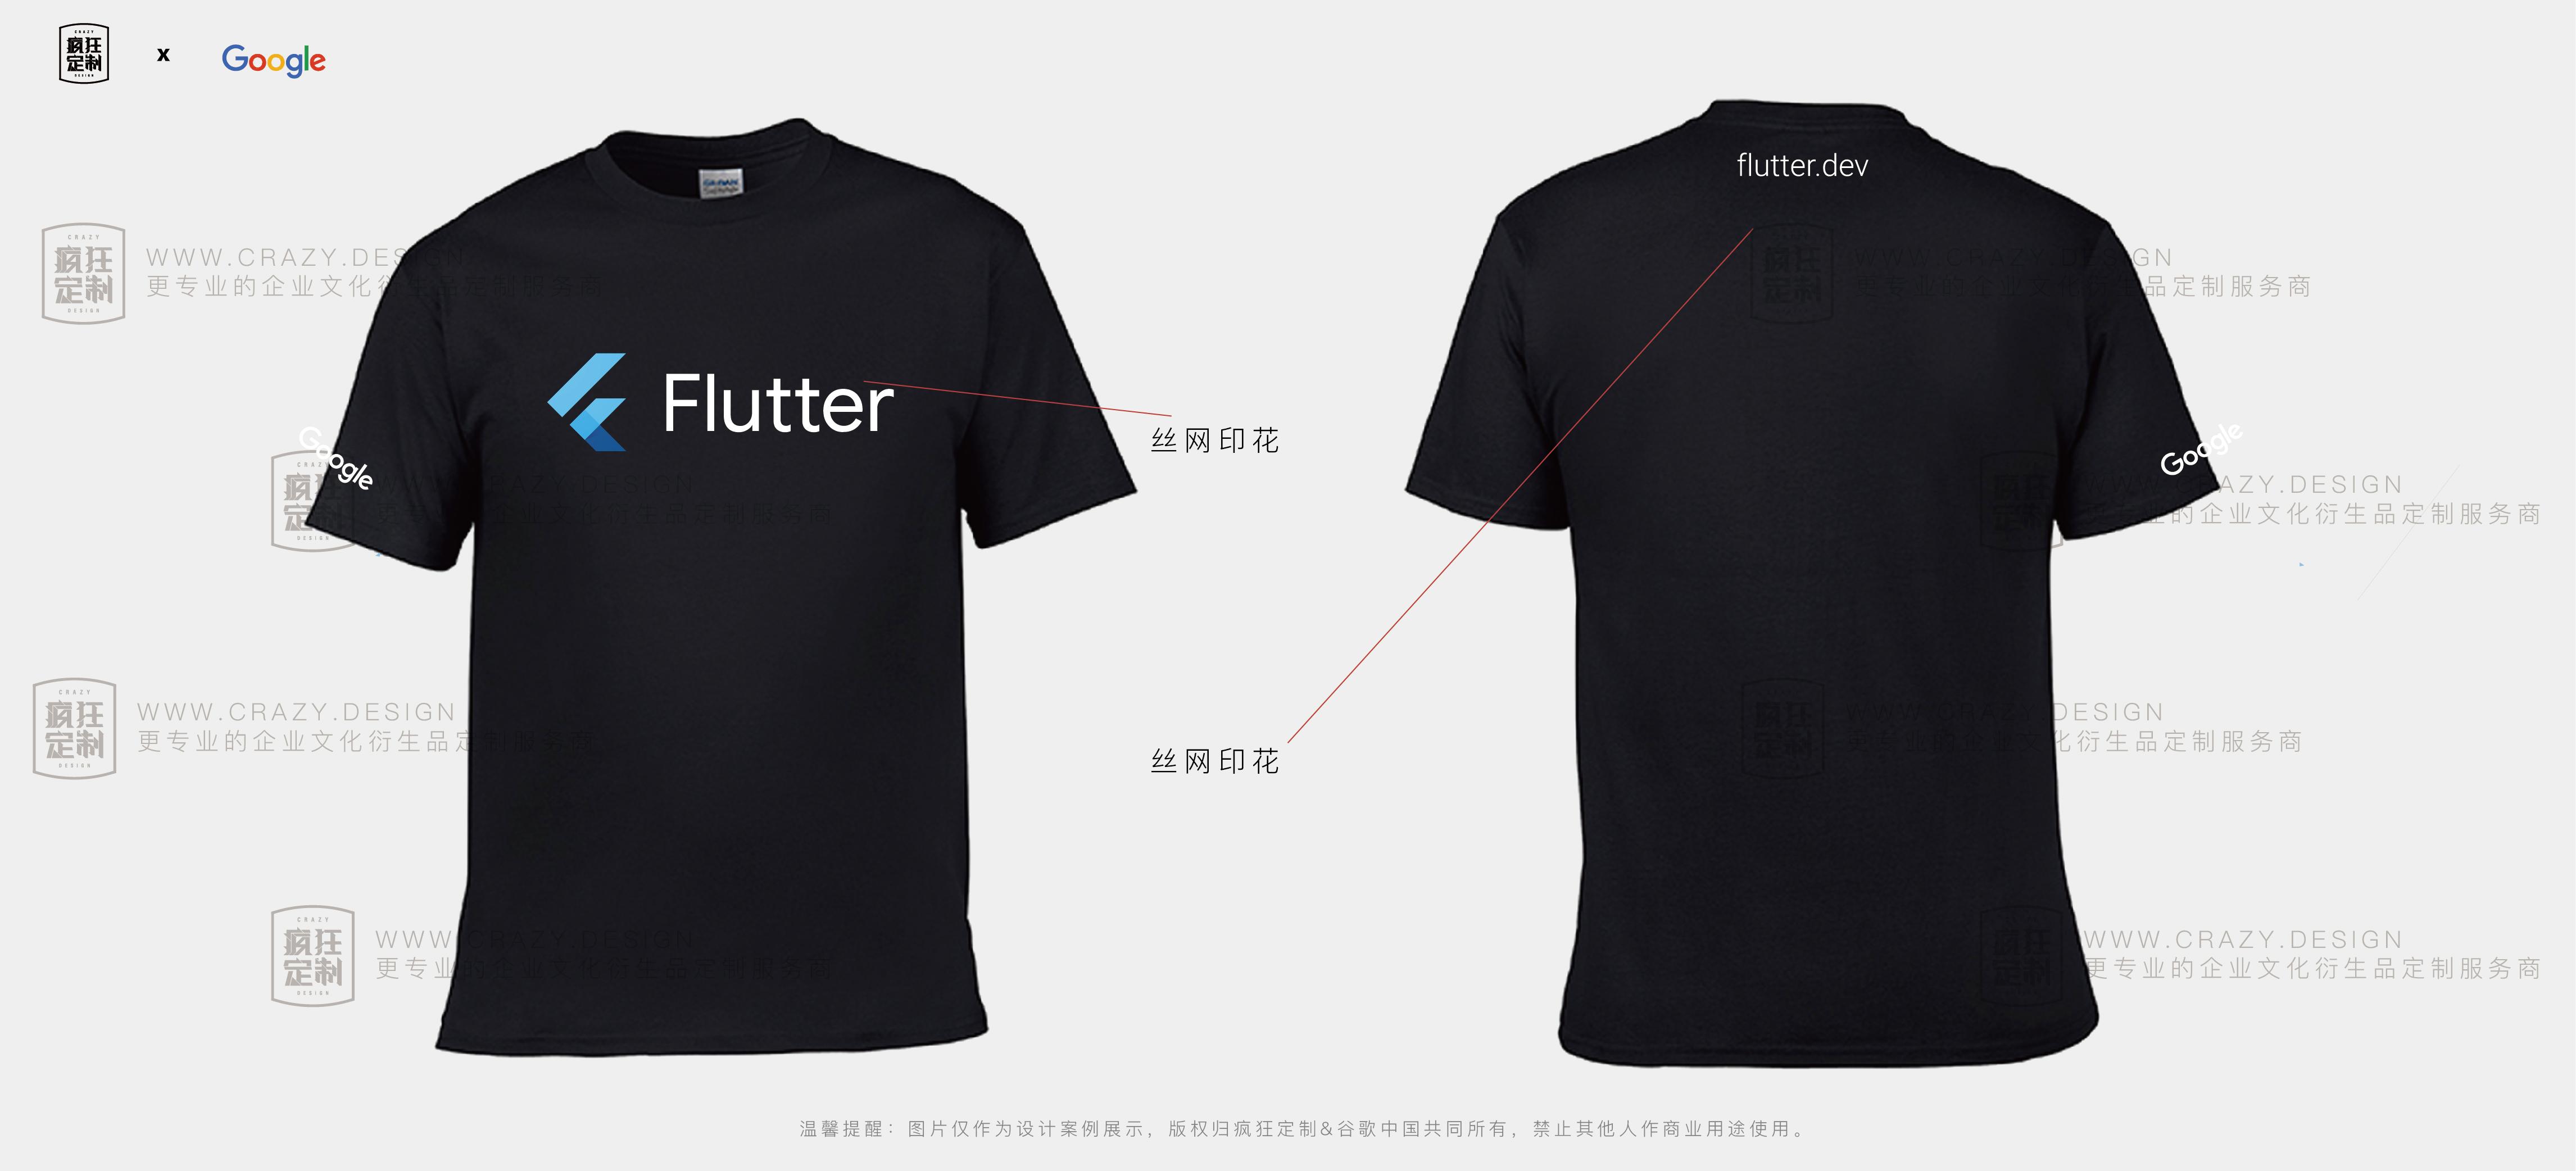 疯狂定制 X 谷歌文化衫设计案例